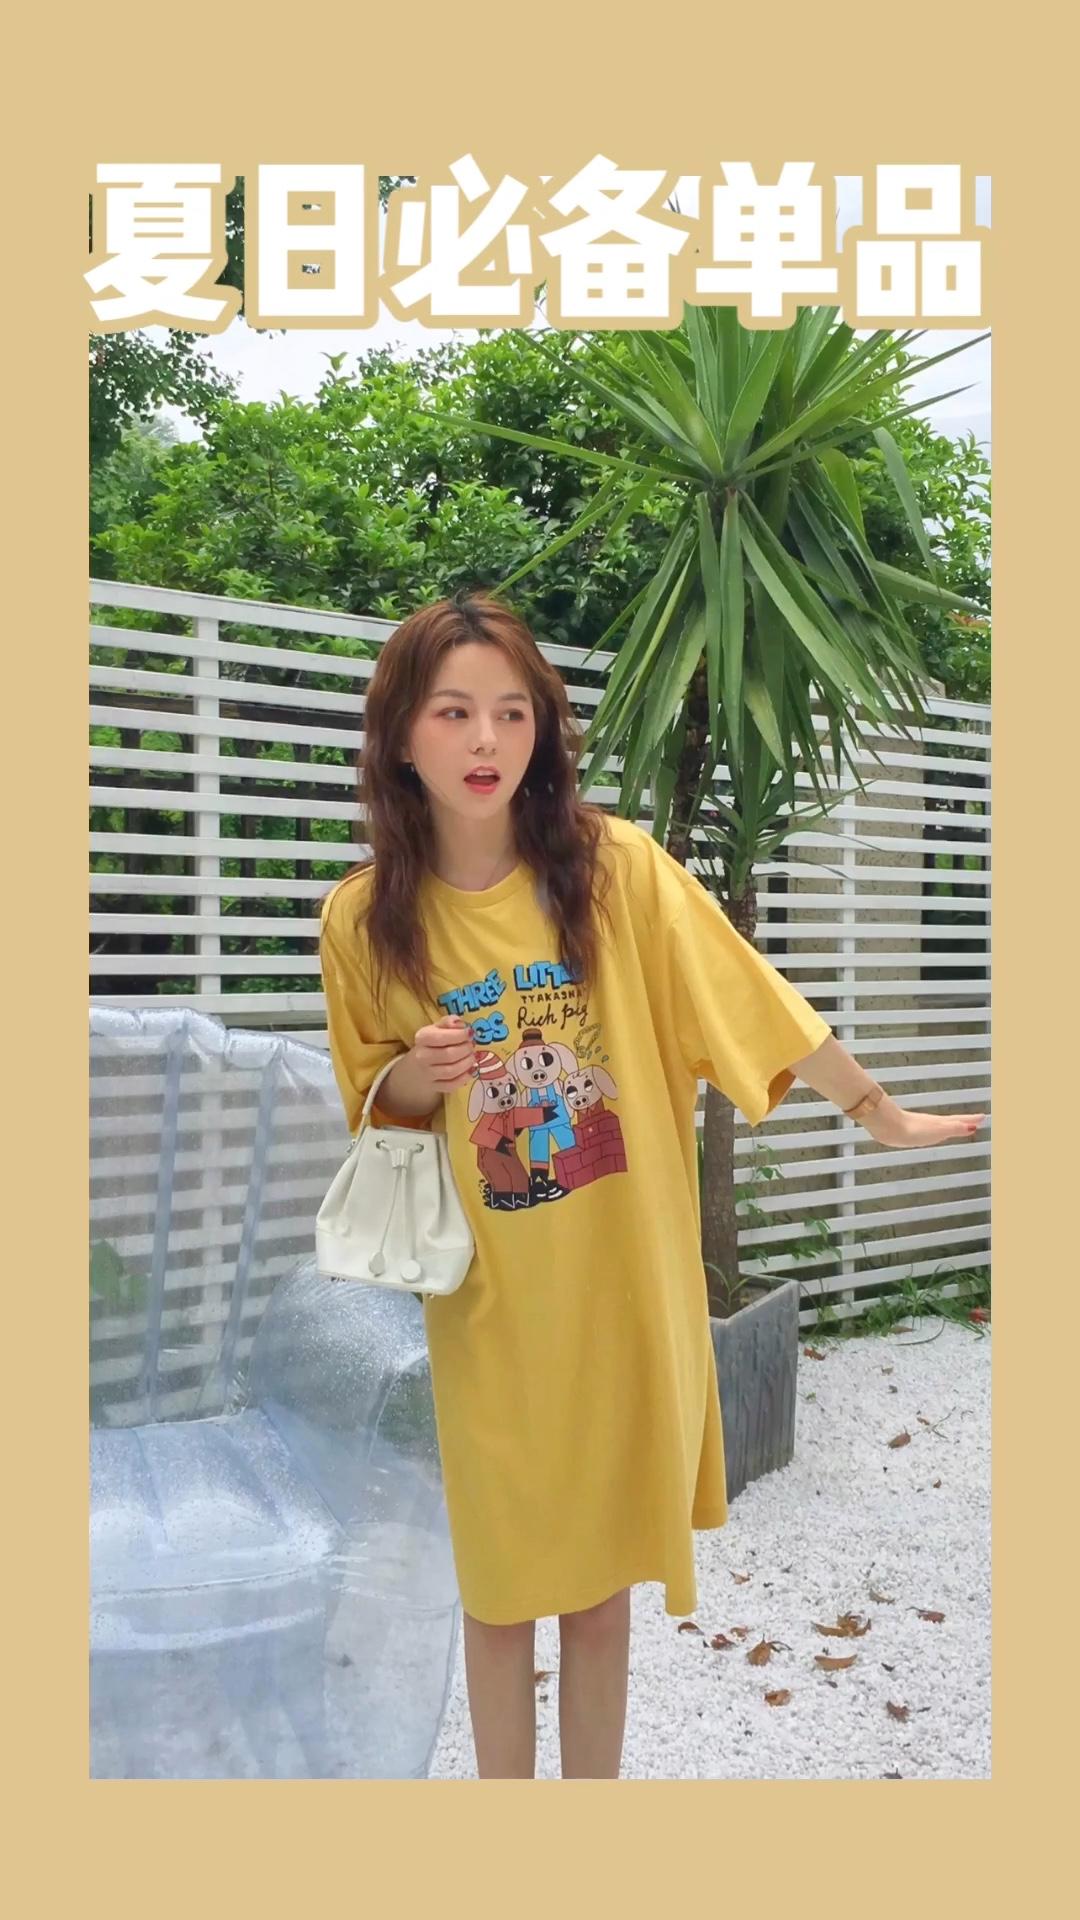 摄影:小鲸鱼 场地:山月空间 #蘑菇街新品测评# 黄色T恤连衣裙 真的是减龄必备呀 长度刚好过膝盖 可以遮住大腿和小粗腰 喜欢喜欢 nice~